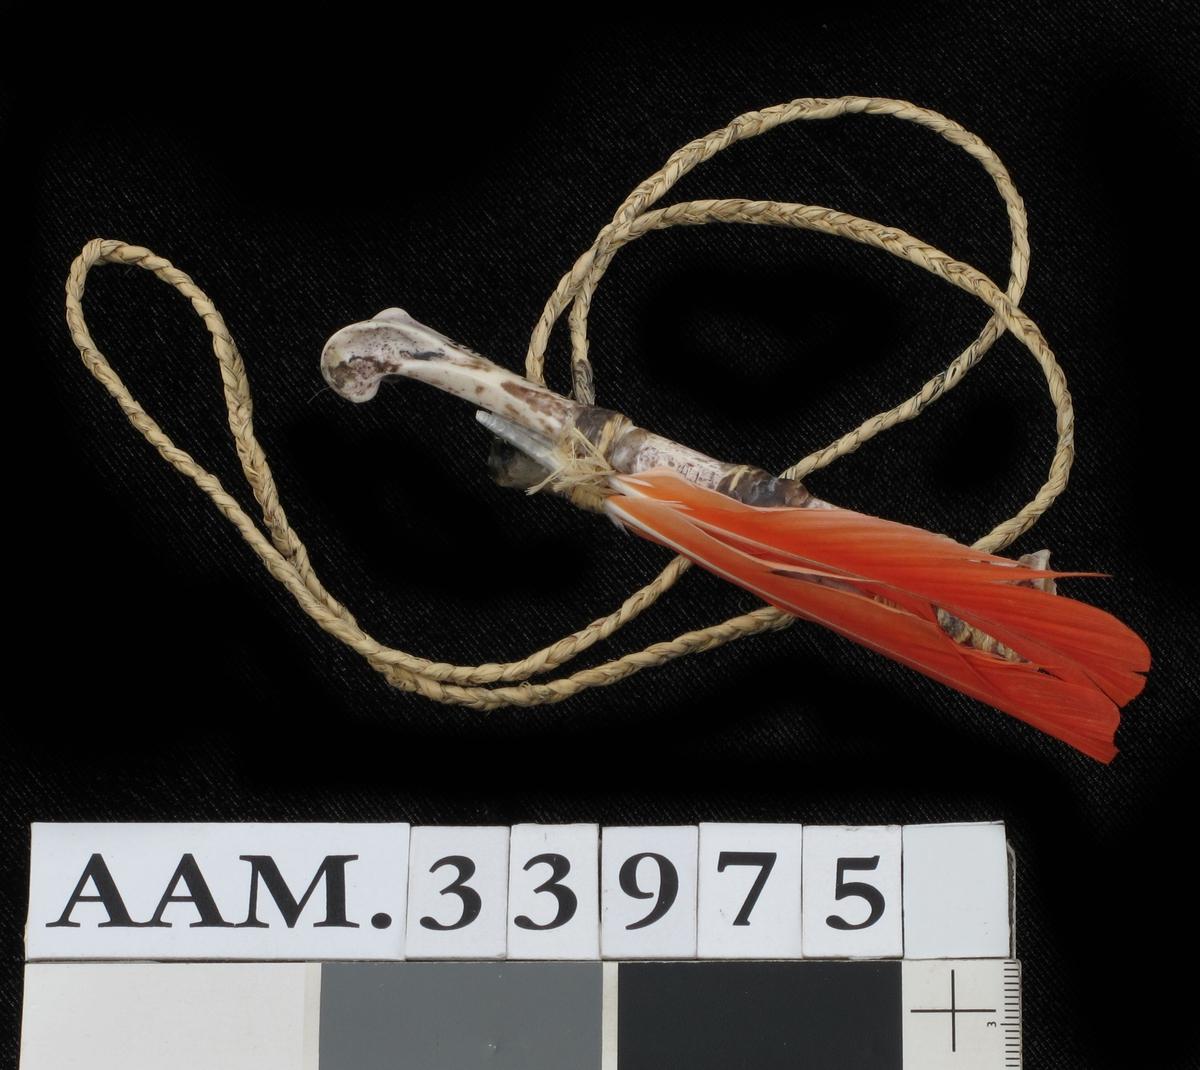 Fetisjkopi laget av et leggbein av en fugl - trolig påfugl - med røde fjær fra en grå papegøye, bundet sammen festet til en snor av flettet bast.